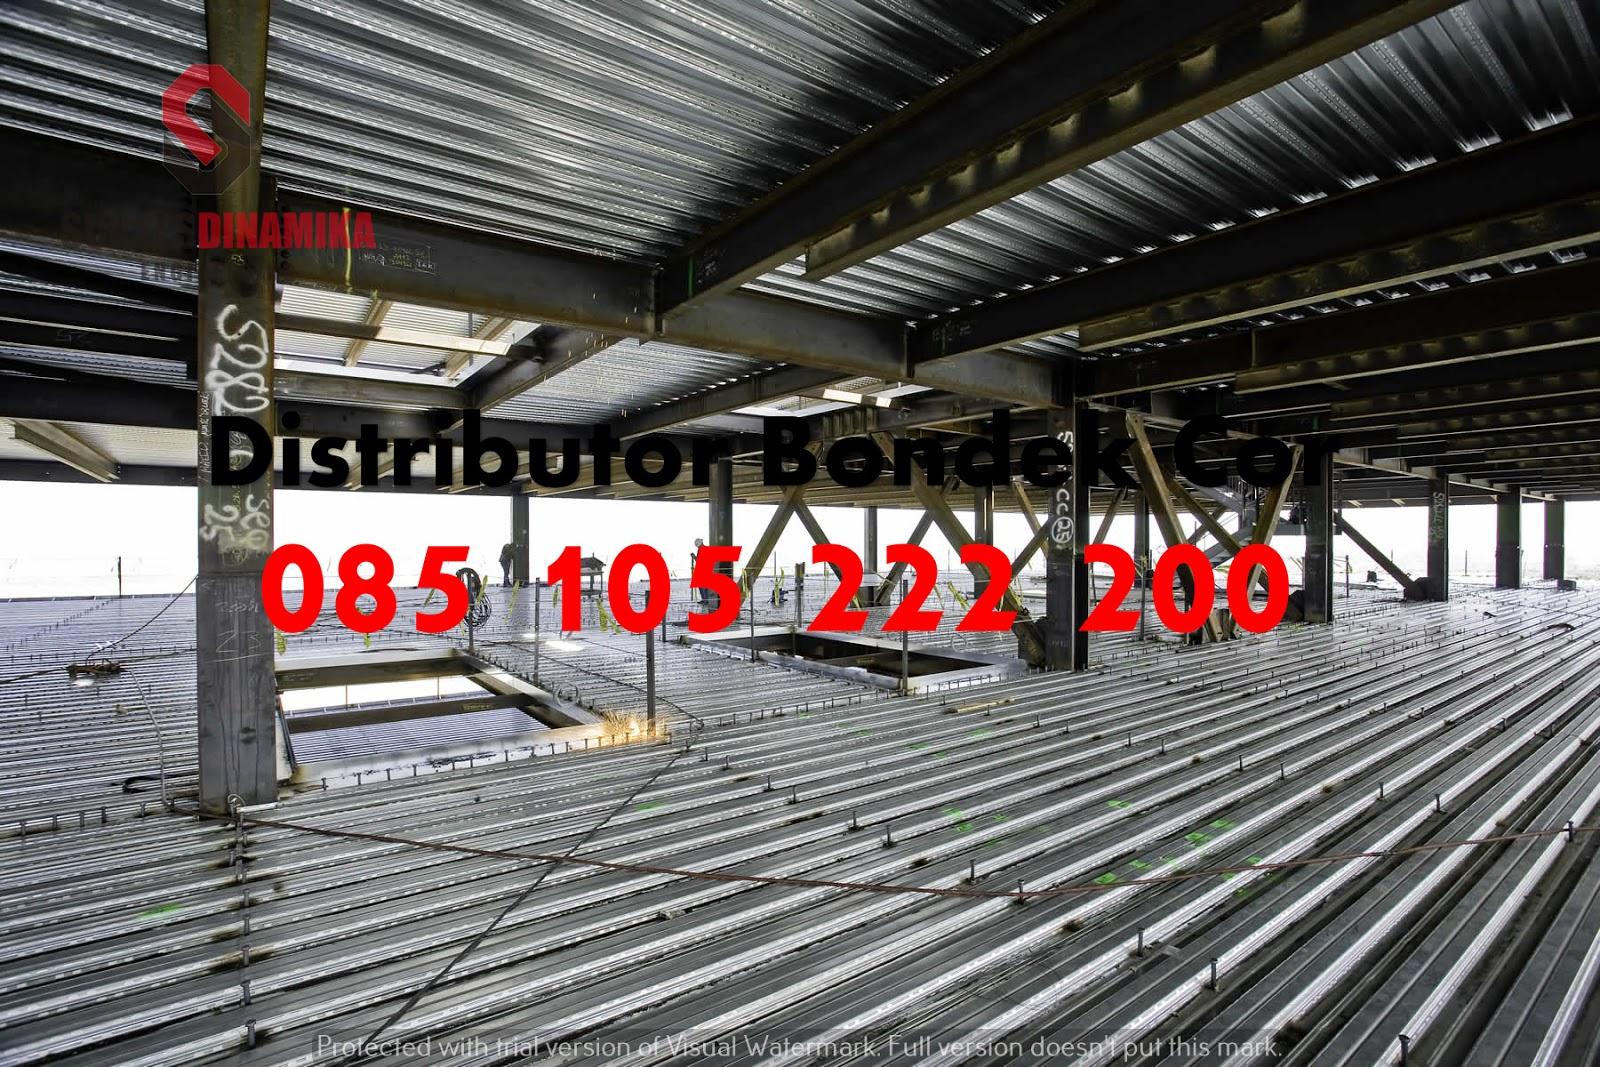 harga baja ringan kencana semarang pengadaan floordeck bondek di mojokerto   081-330-690-081